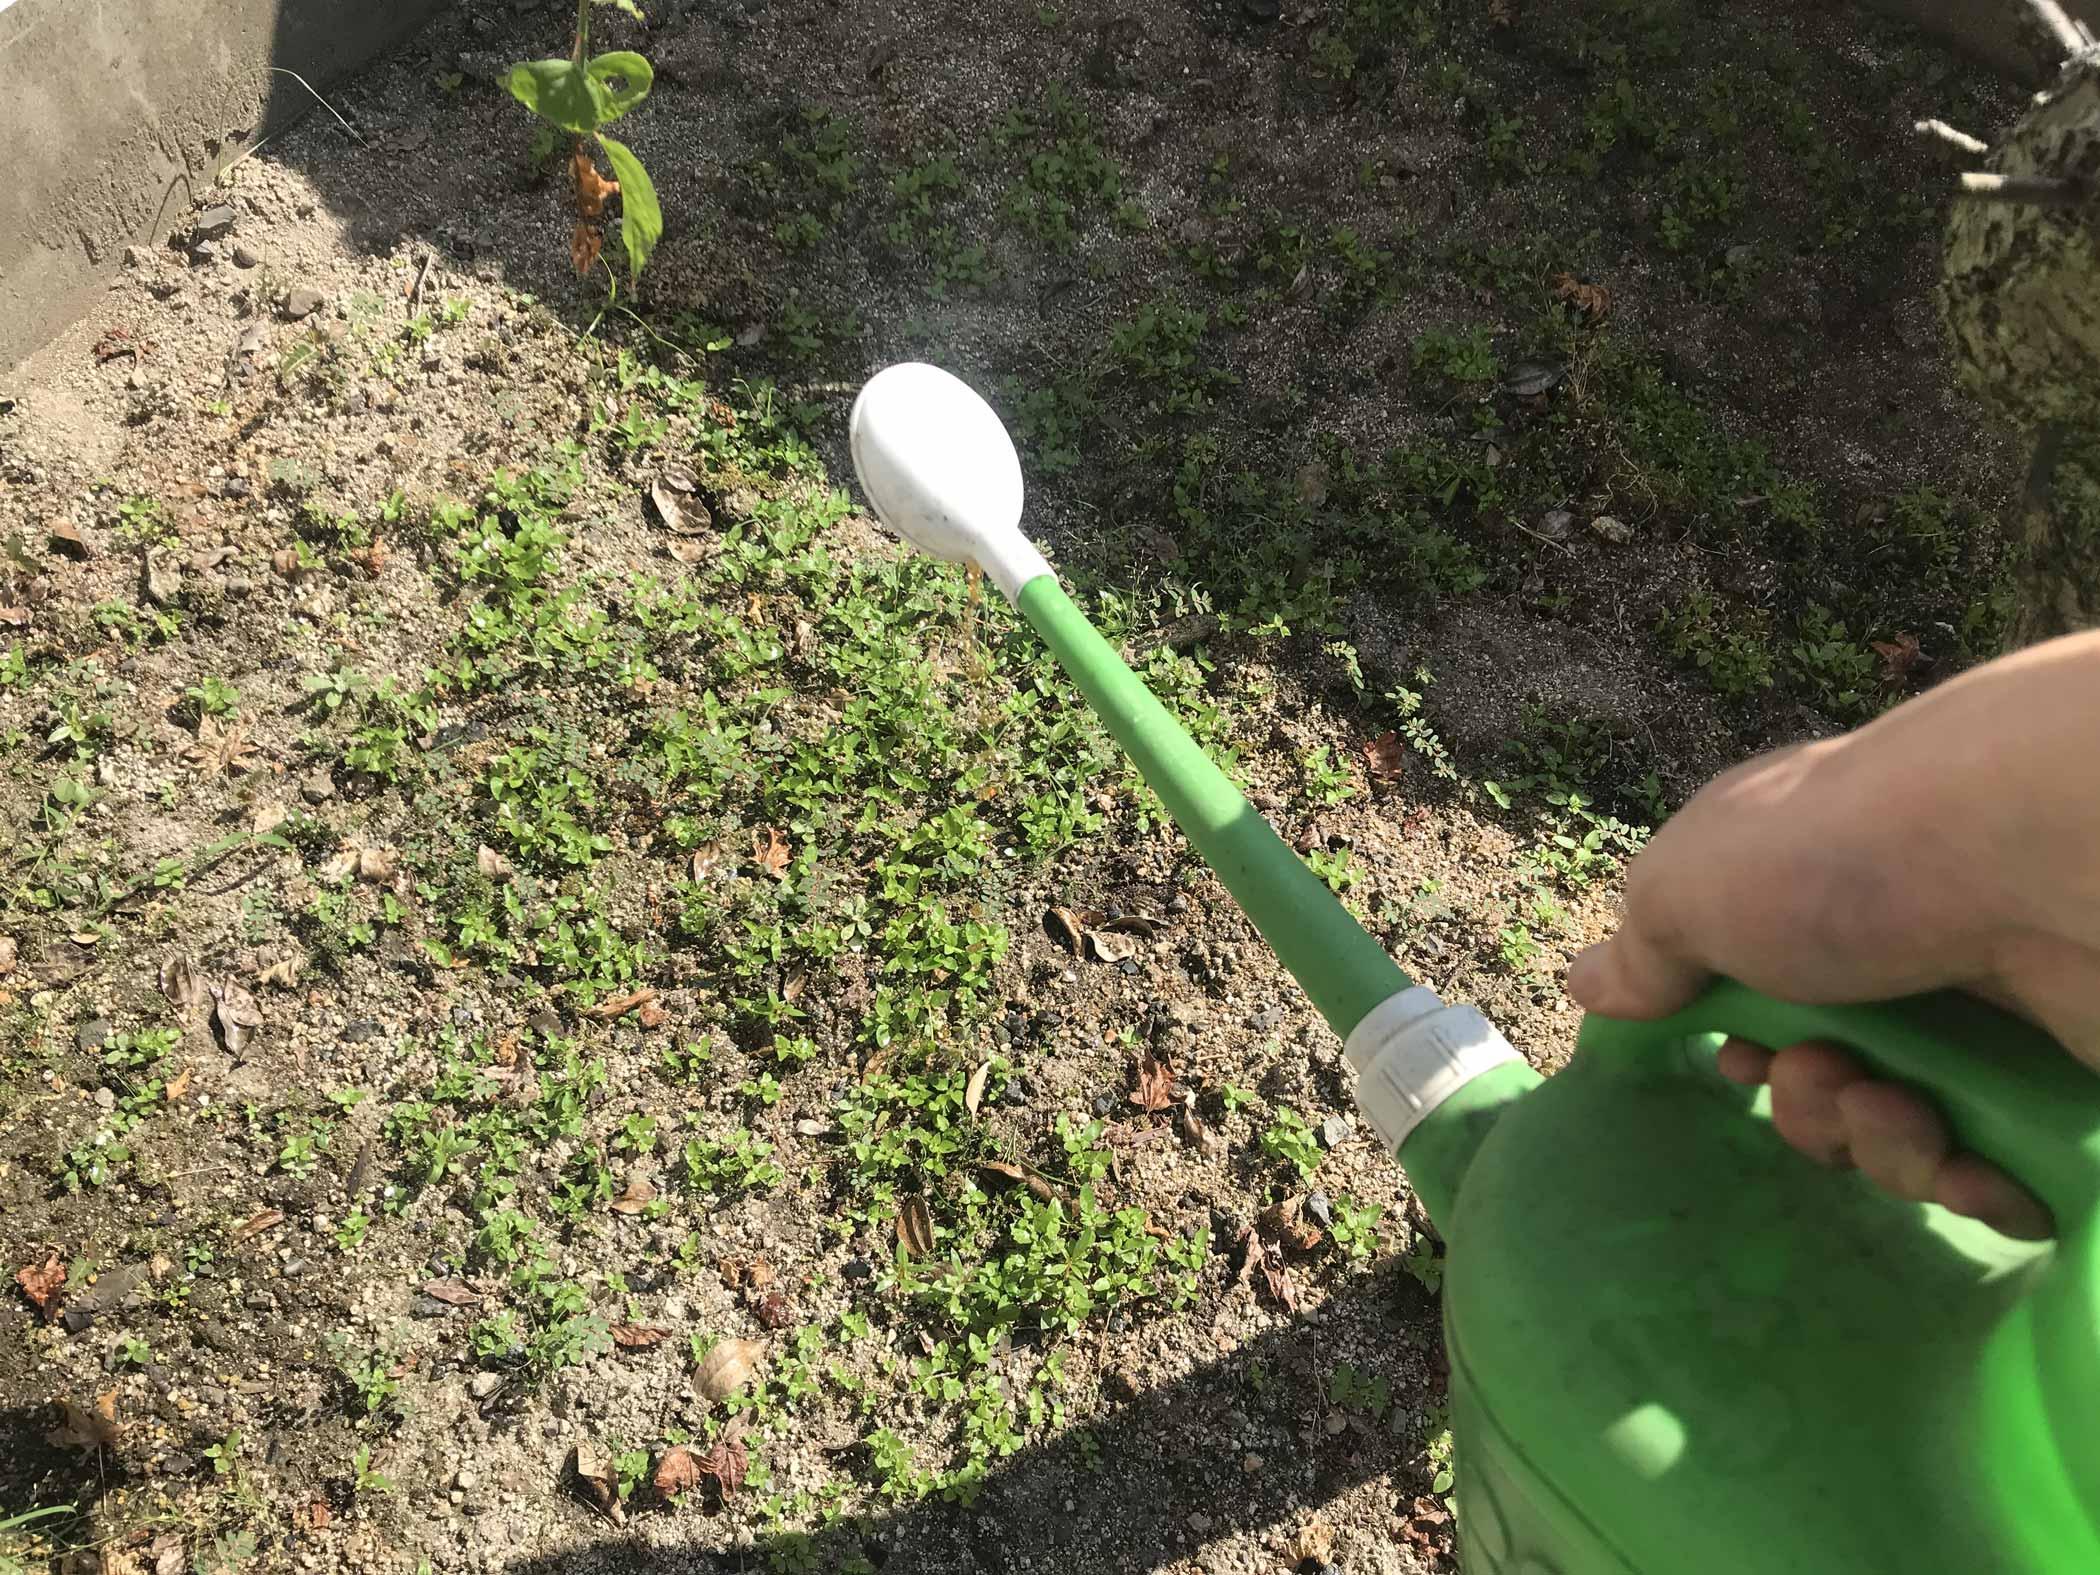 天然の除草剤を撒布